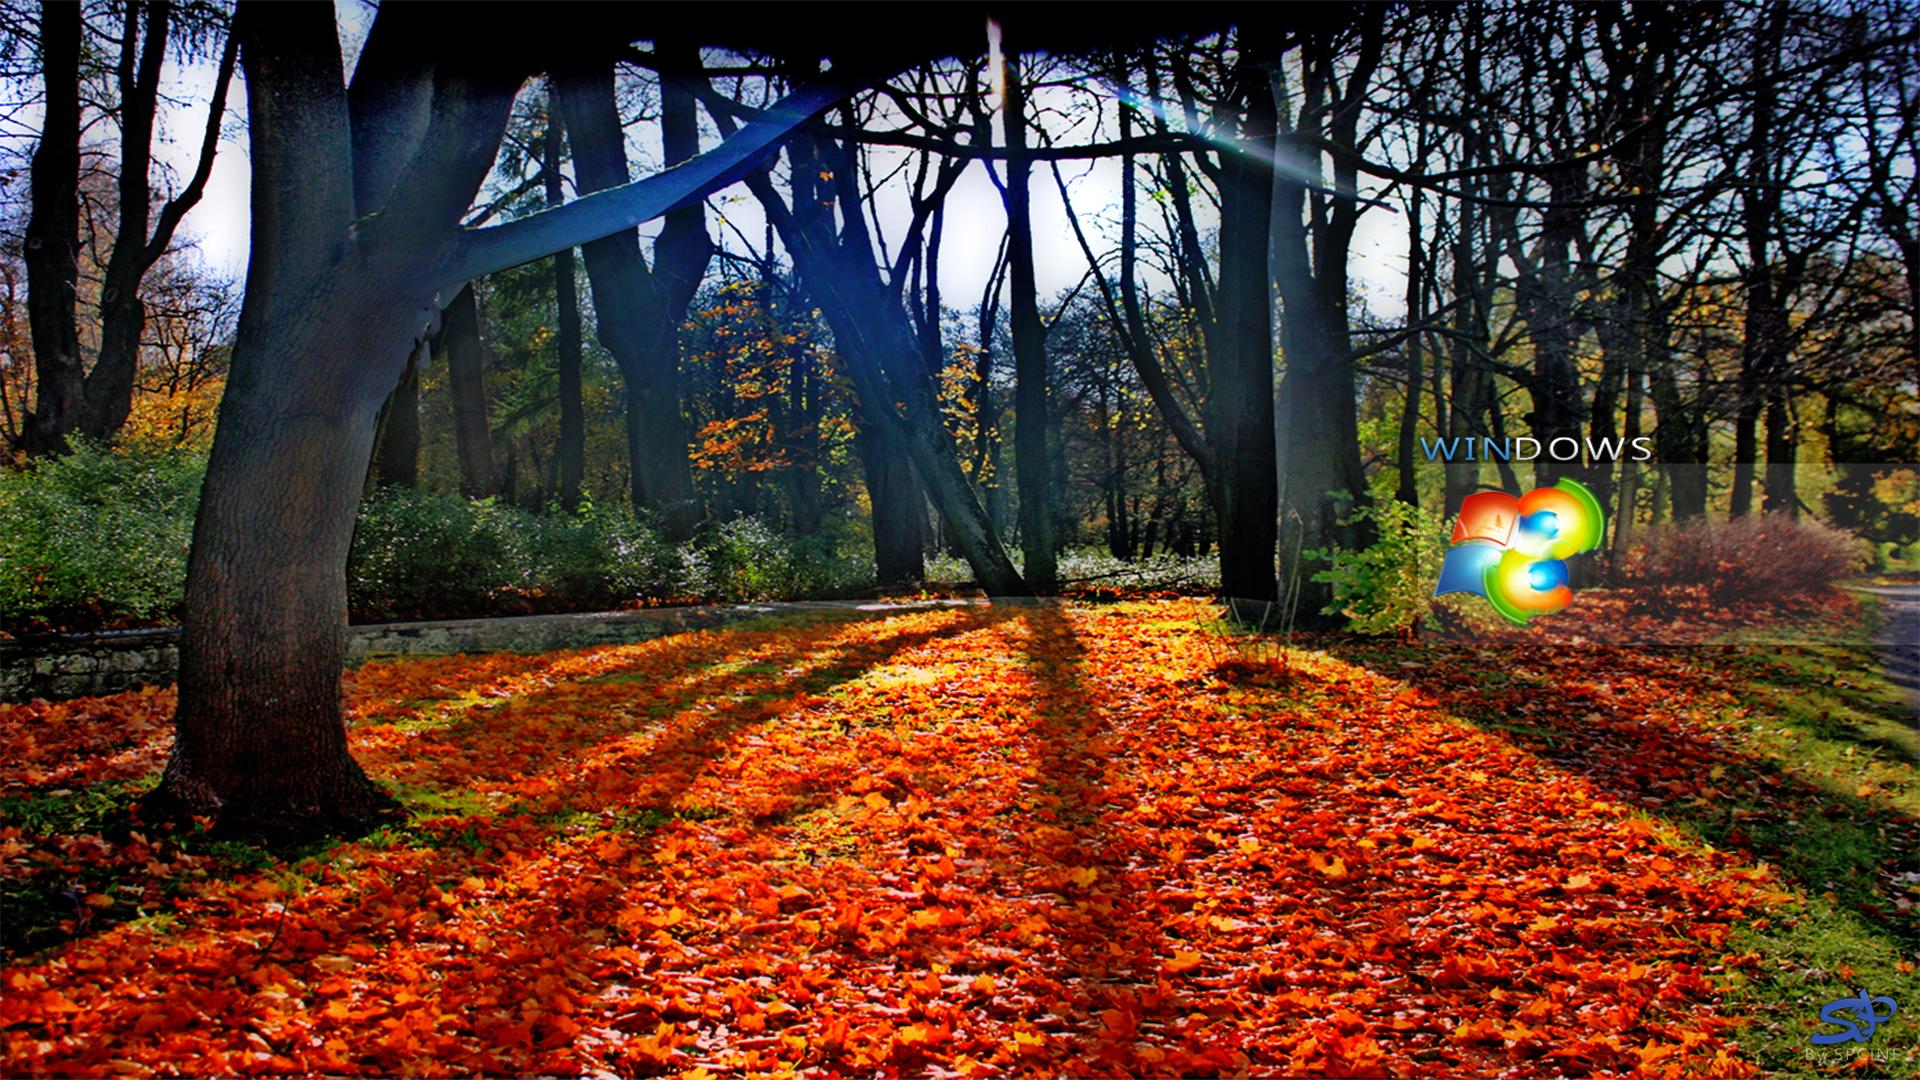 wallpaper mac pc os wallpaper windows 8 autumn walk 2012 no comments 1920x1080